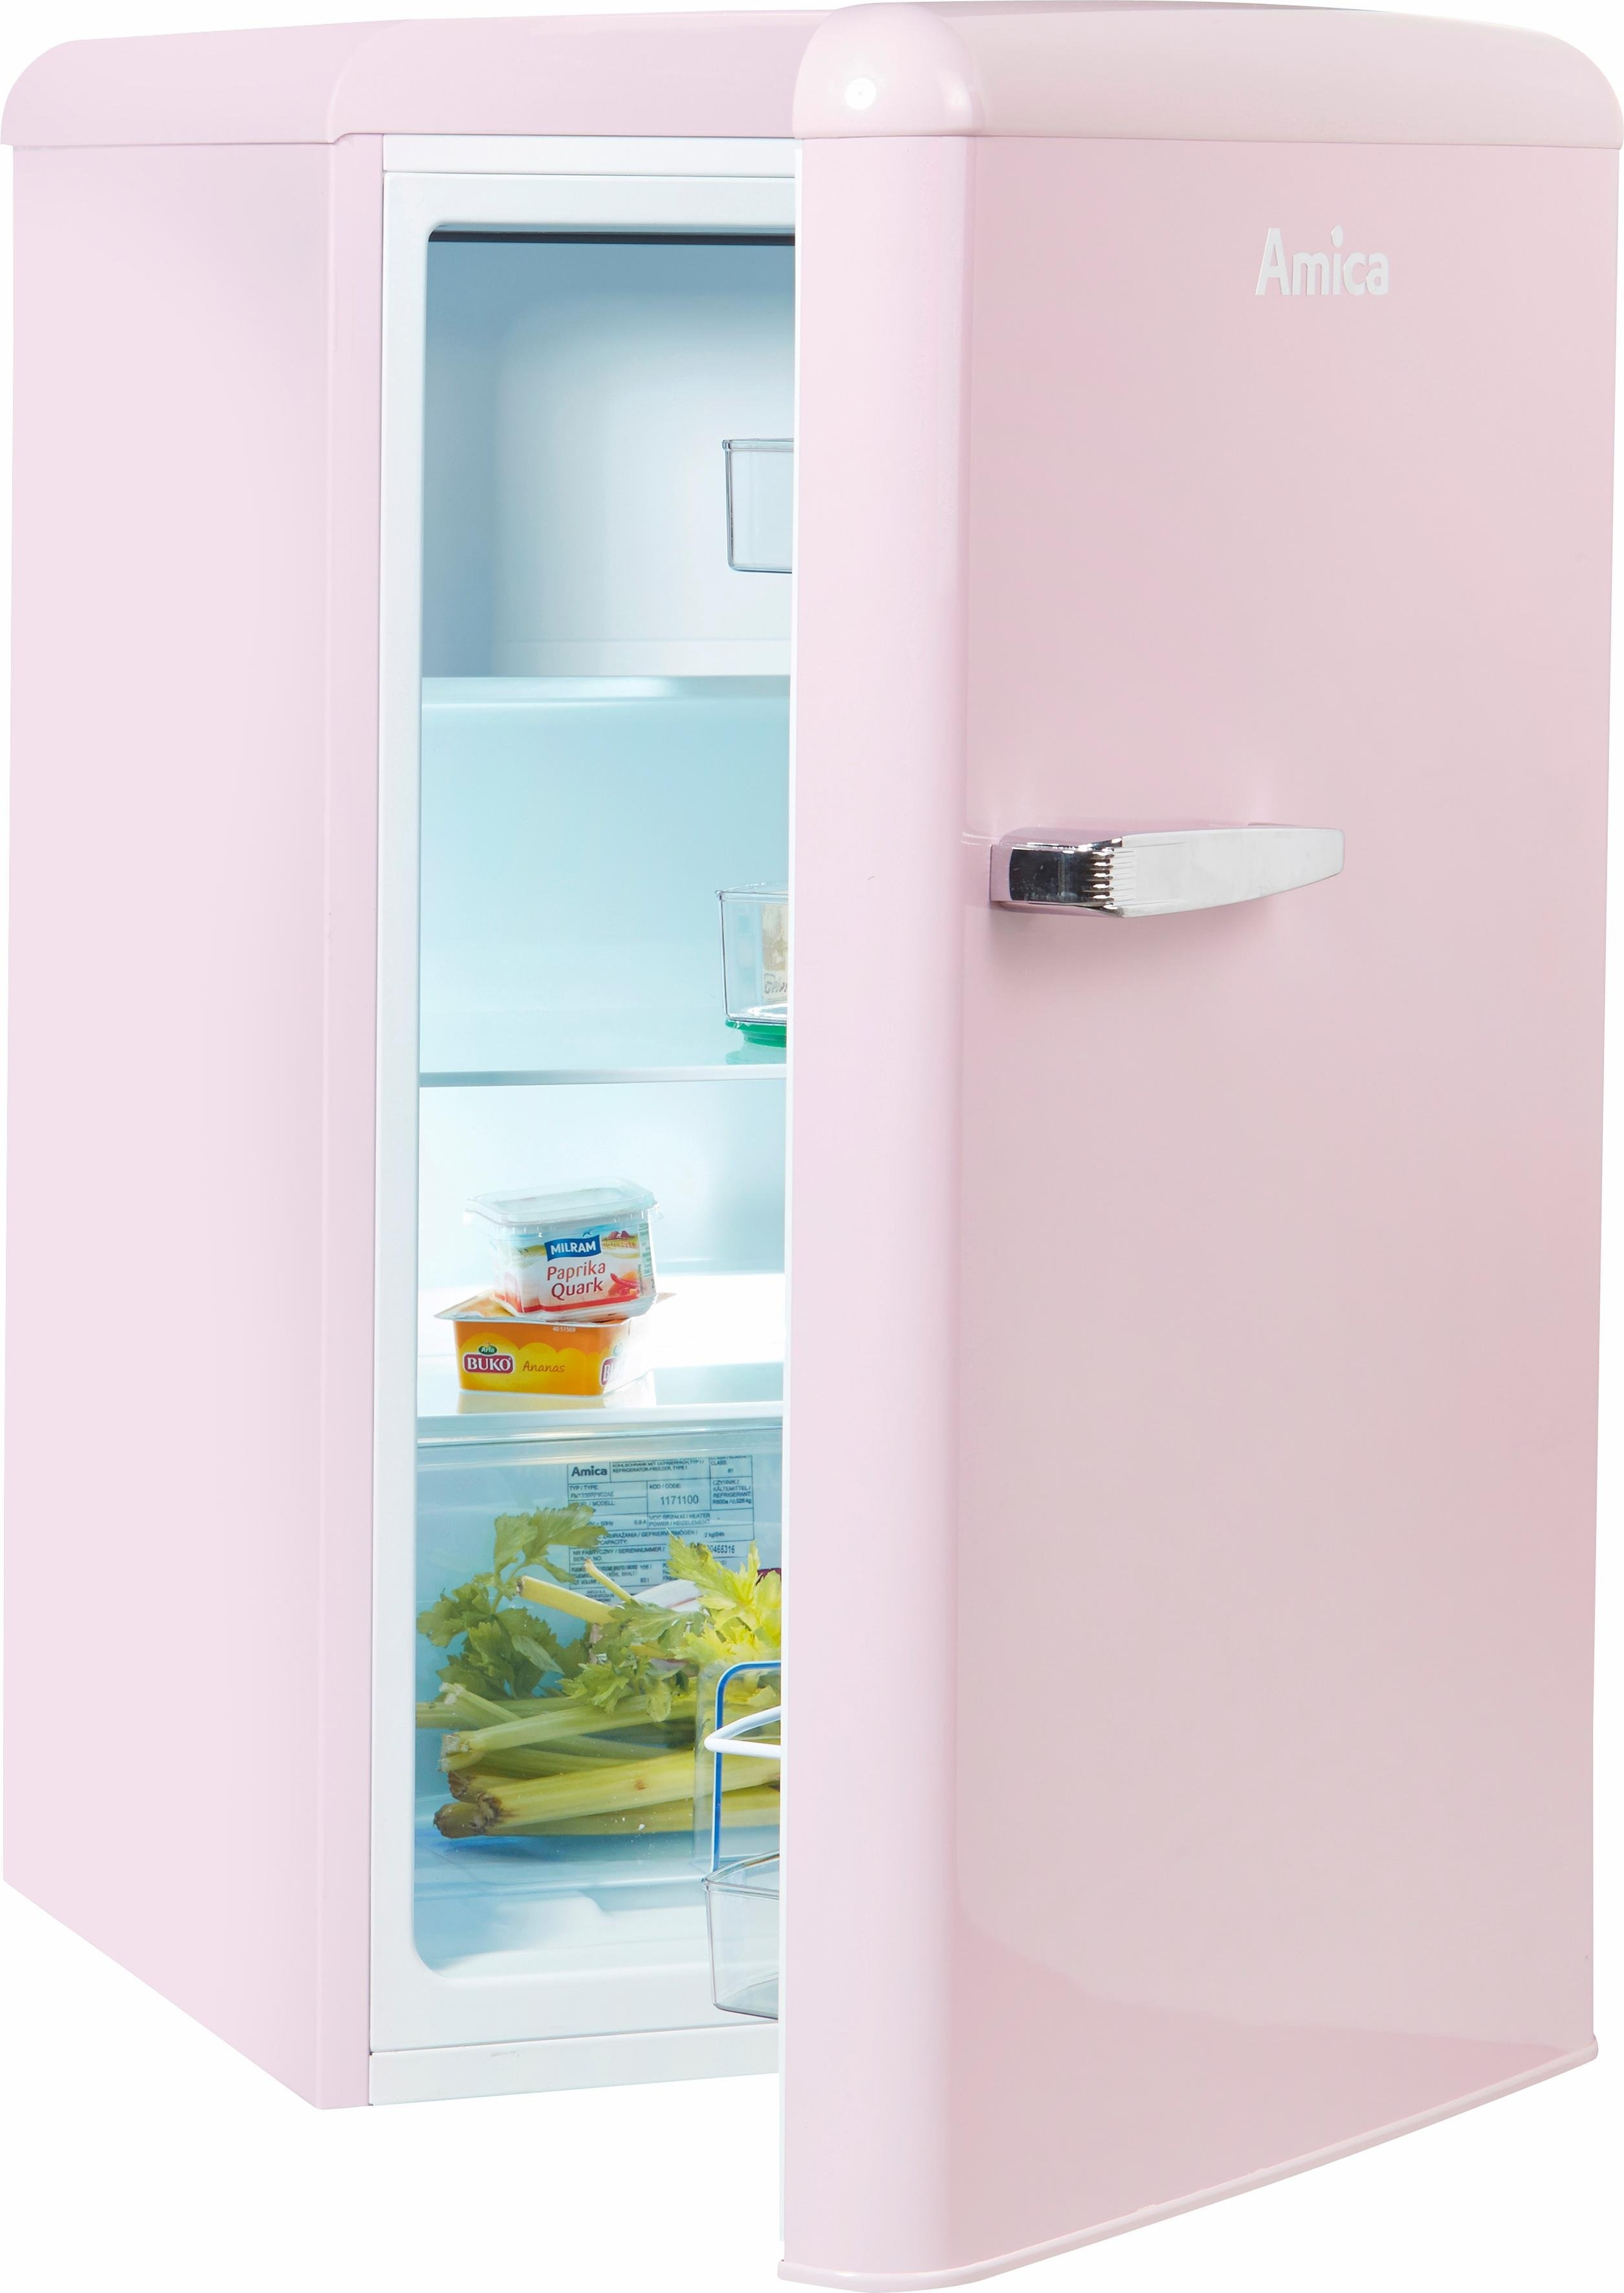 Amica koelkast KS 15616 P, A++, 86 cm hoog bestellen: 14 dagen bedenktijd